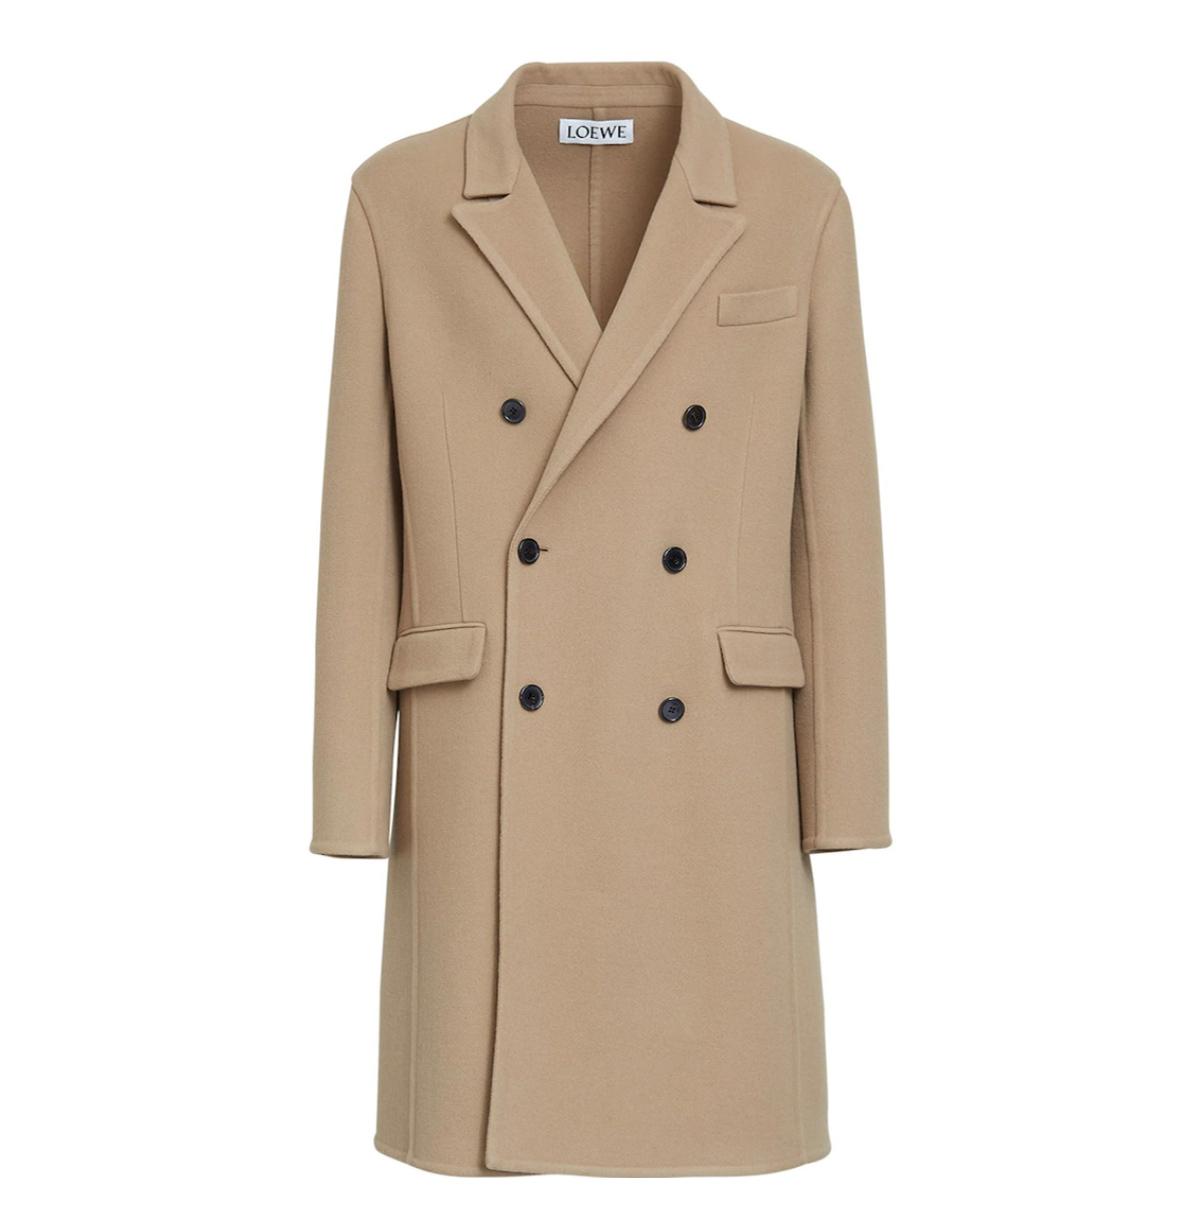 abrigo de loewe.